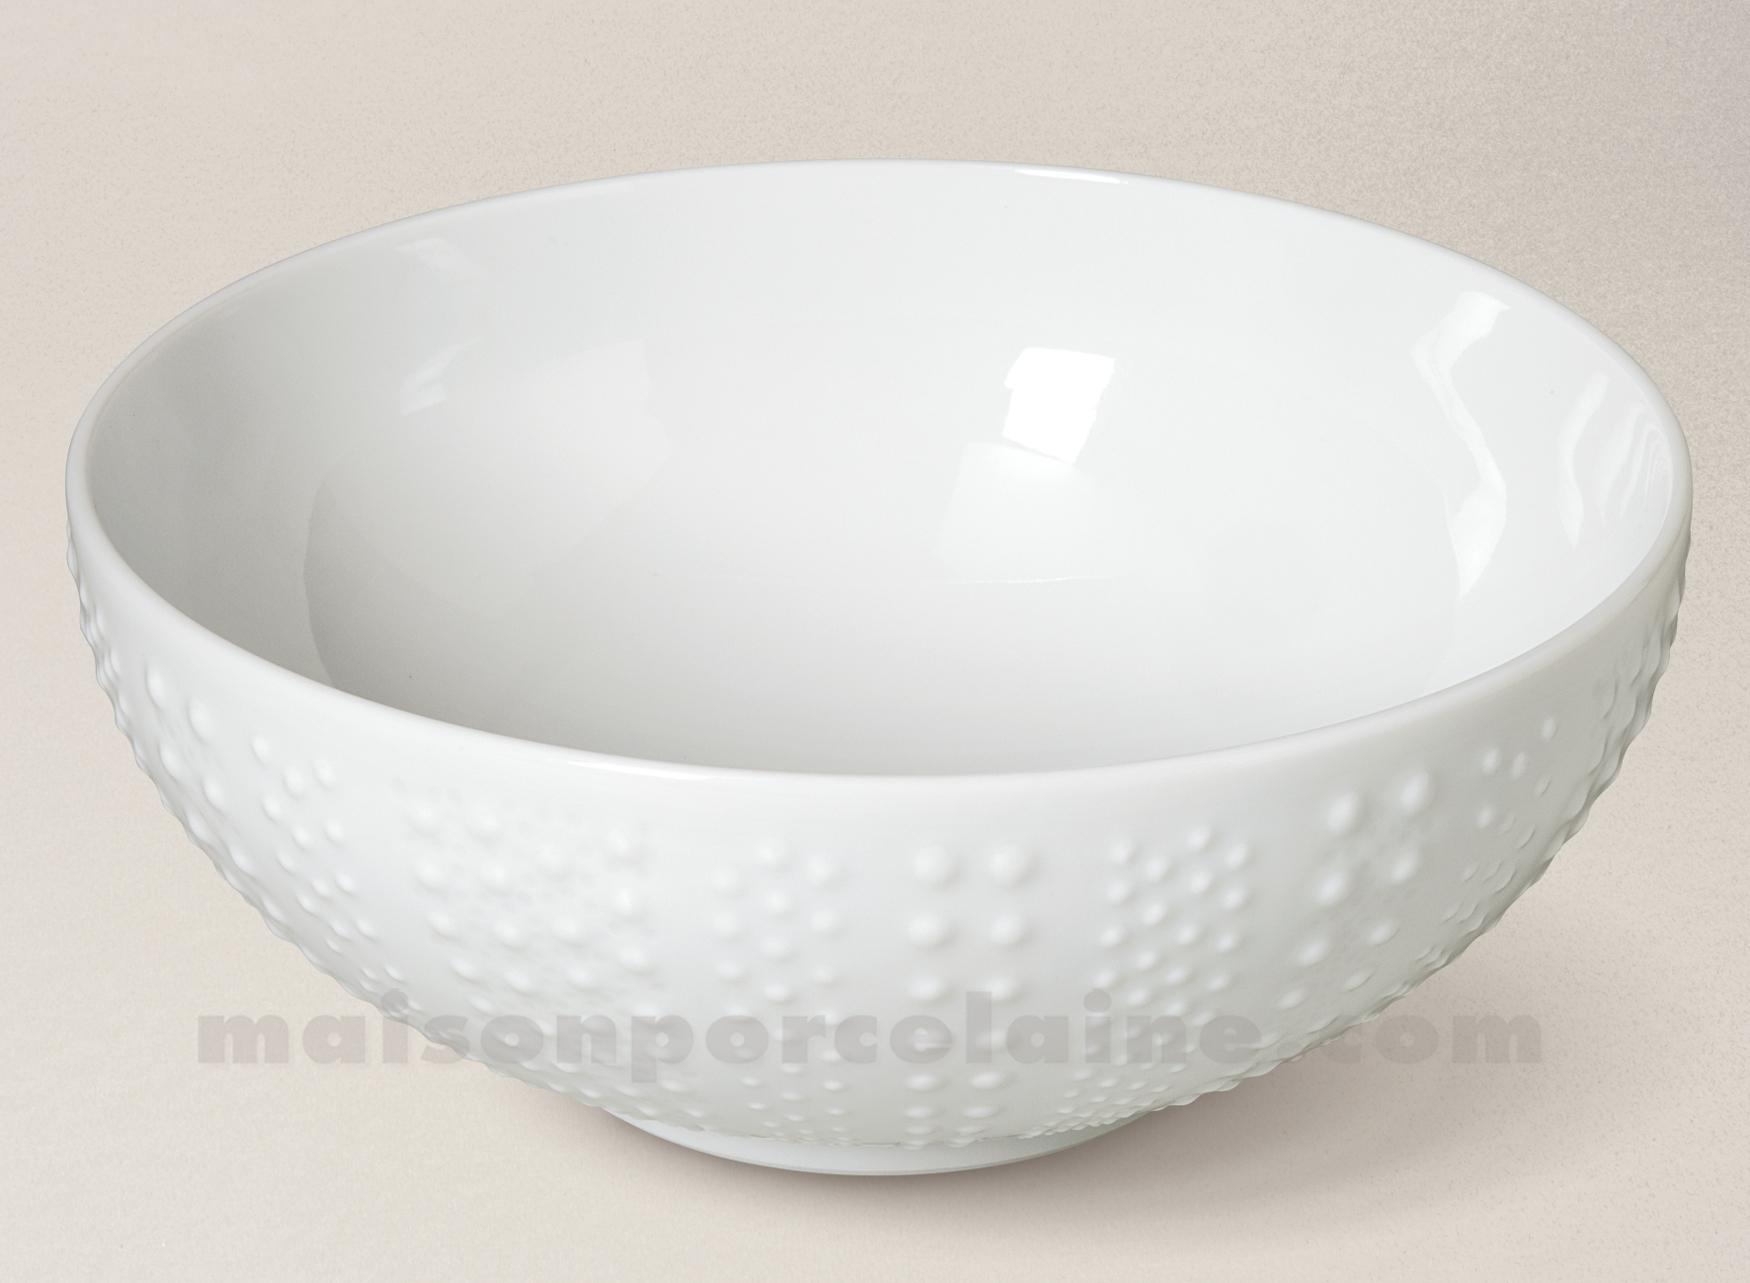 saladier pate extra blanche limoges sania 23x9 5 maison de la porcelaine. Black Bedroom Furniture Sets. Home Design Ideas